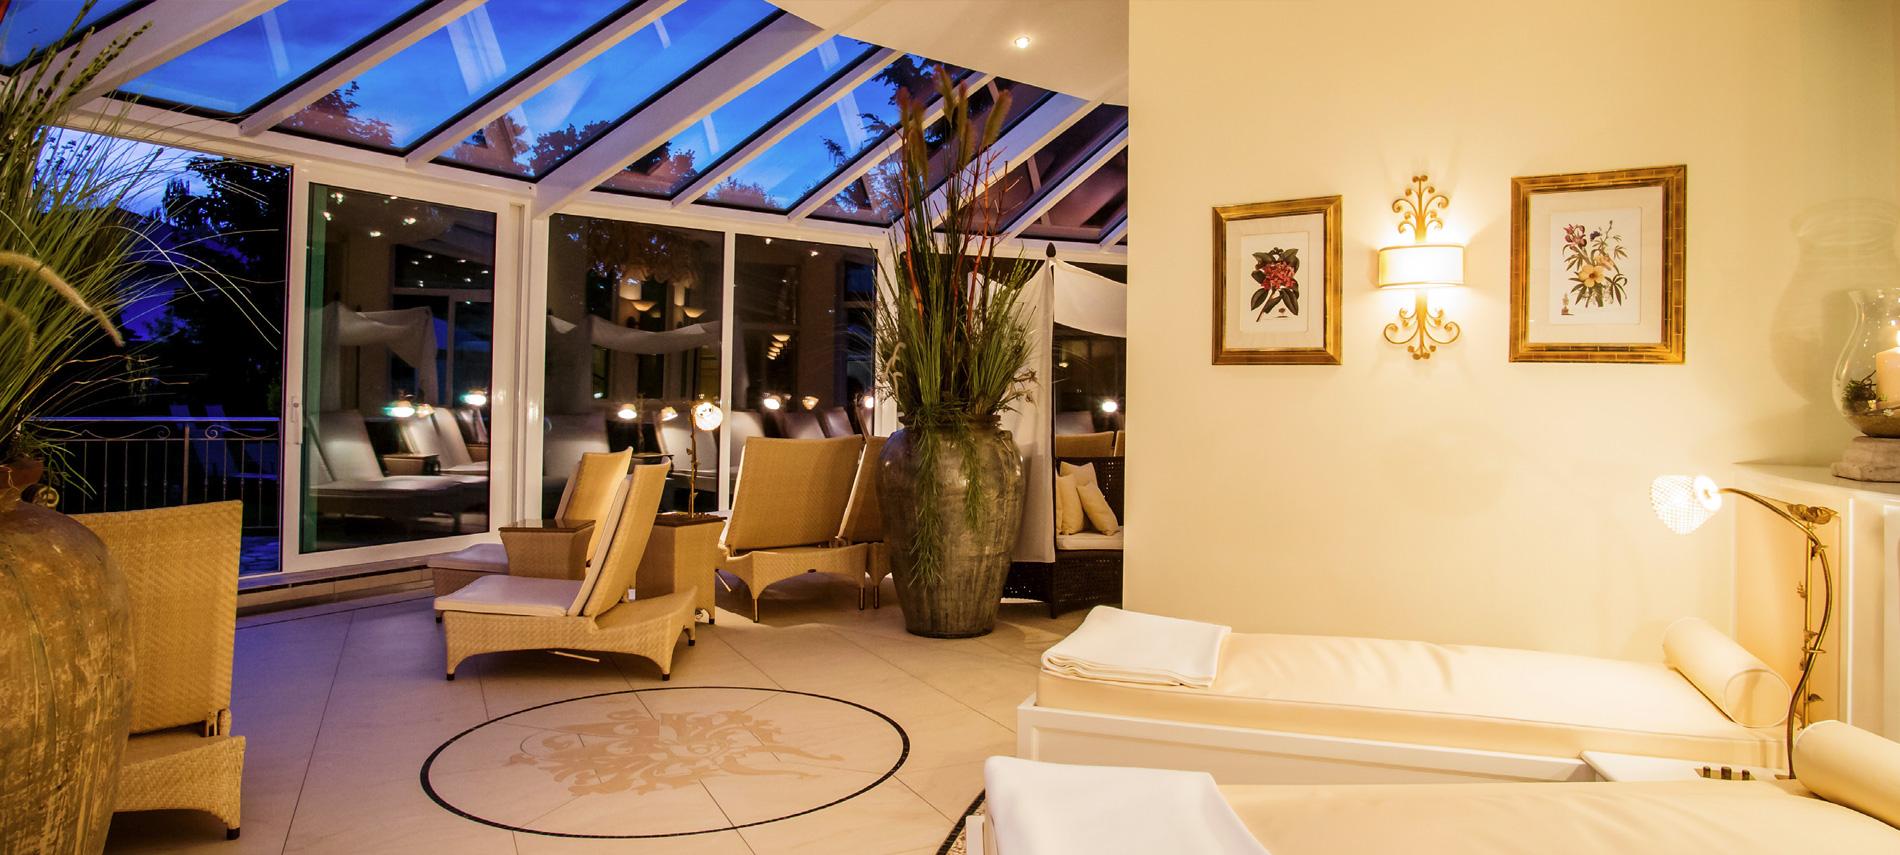 wohnen im hotel quellenhof in bad f ssing. Black Bedroom Furniture Sets. Home Design Ideas